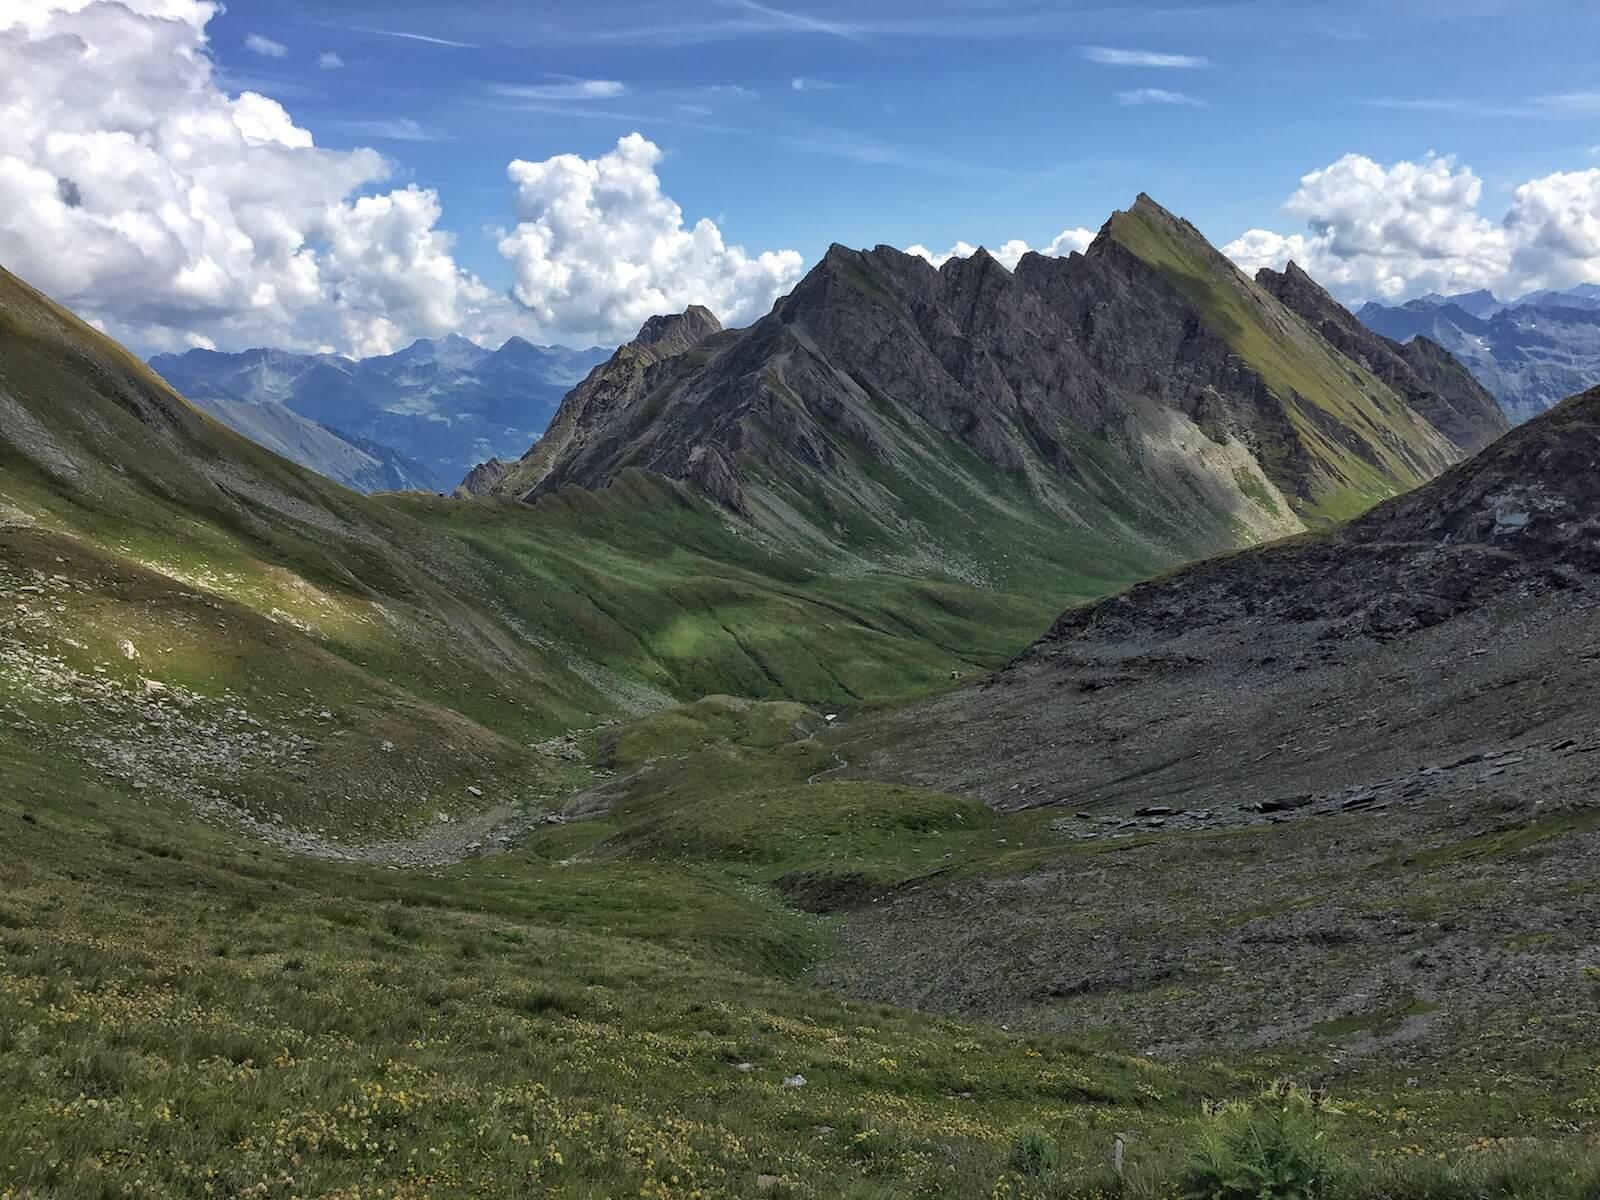 Arp (Colle) da Dolonne, anello per Colle di Youla e discesa per la Val Veny 2018-08-18